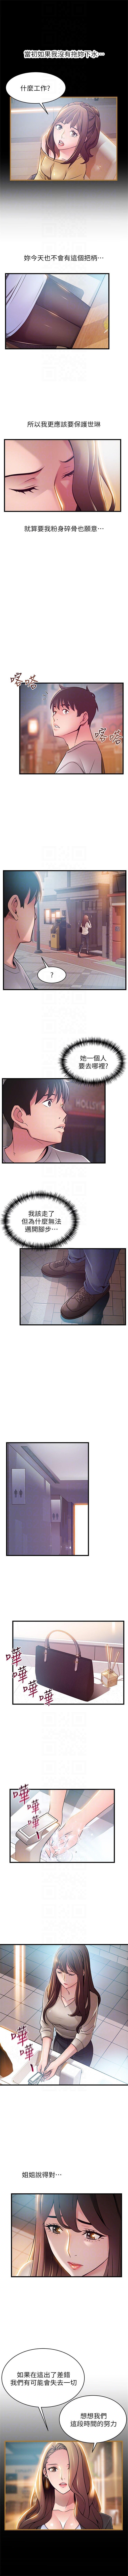 (周7)弱点 1-66 中文翻译(更新中) 267